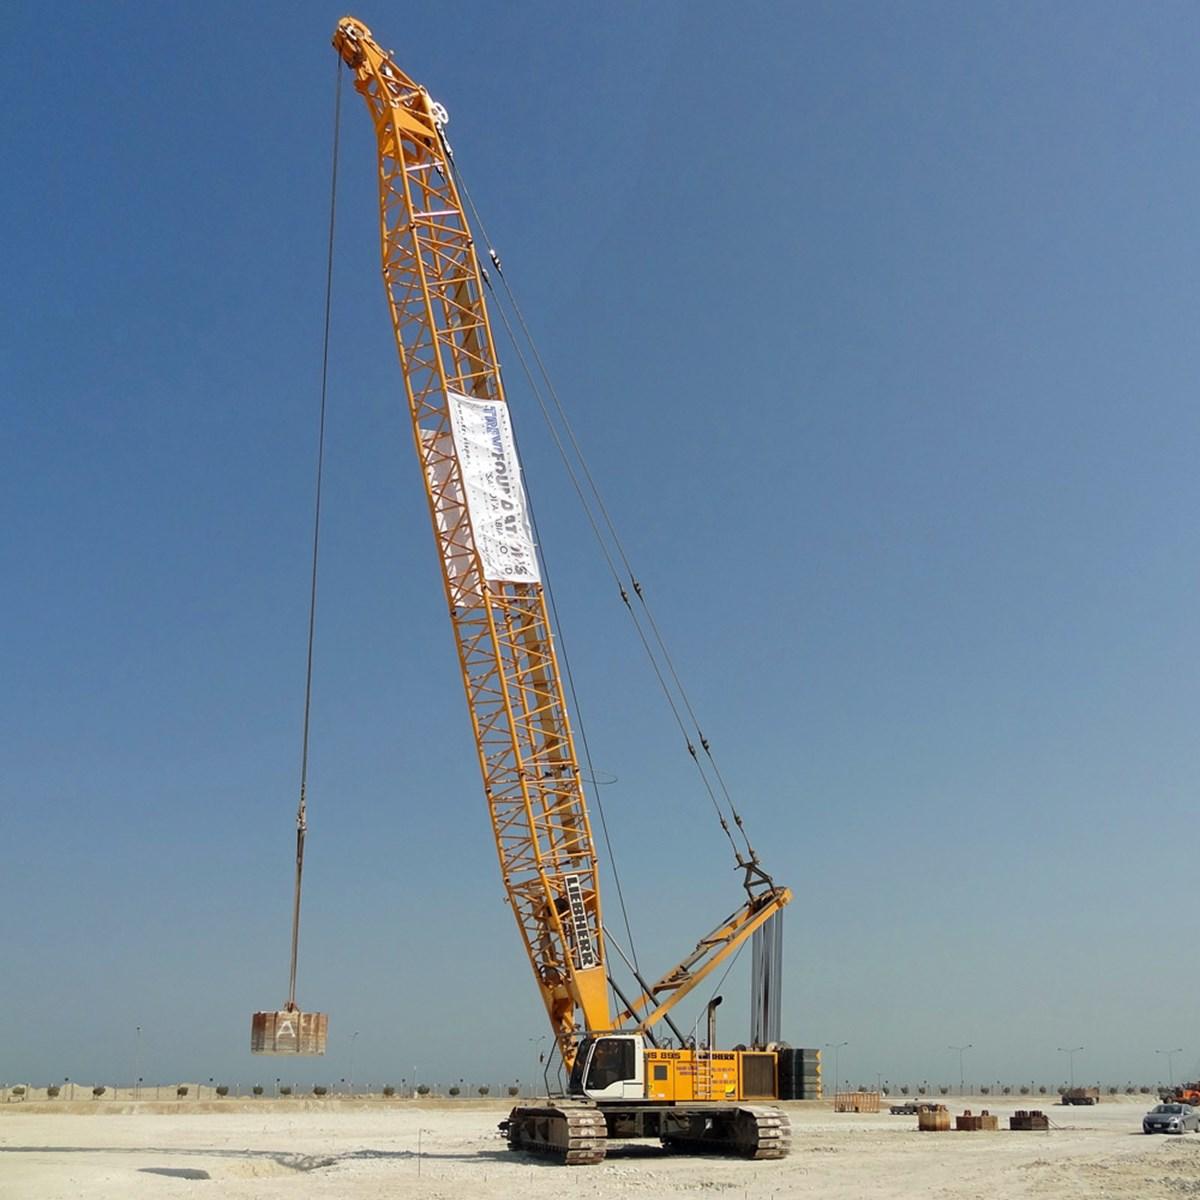 liebherr-hs-895-hd-seilbagger-crawler-crane-dynamic-soil-compaction.jpg